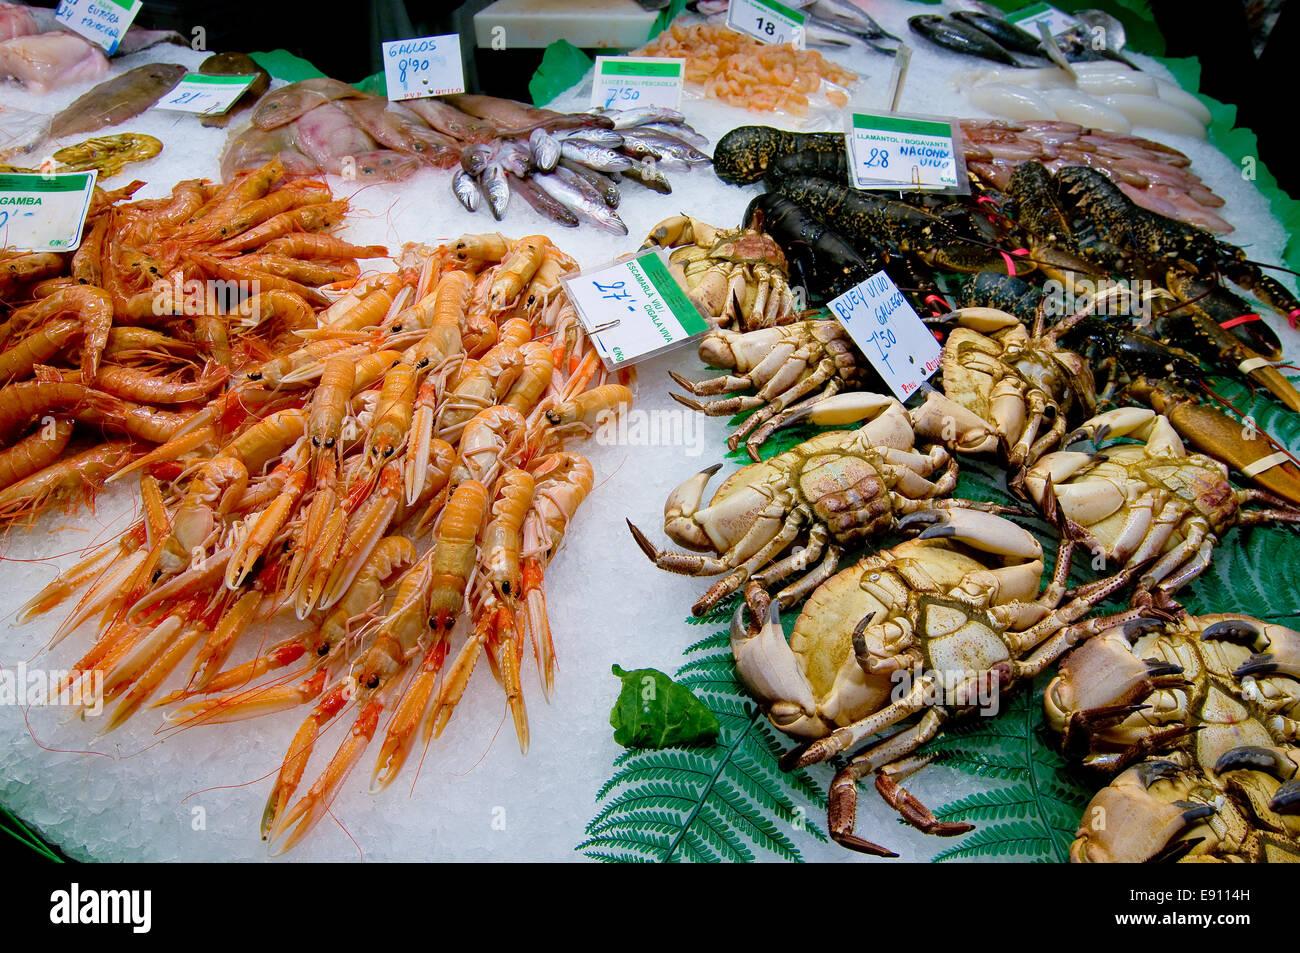 Seafood - Stock Image